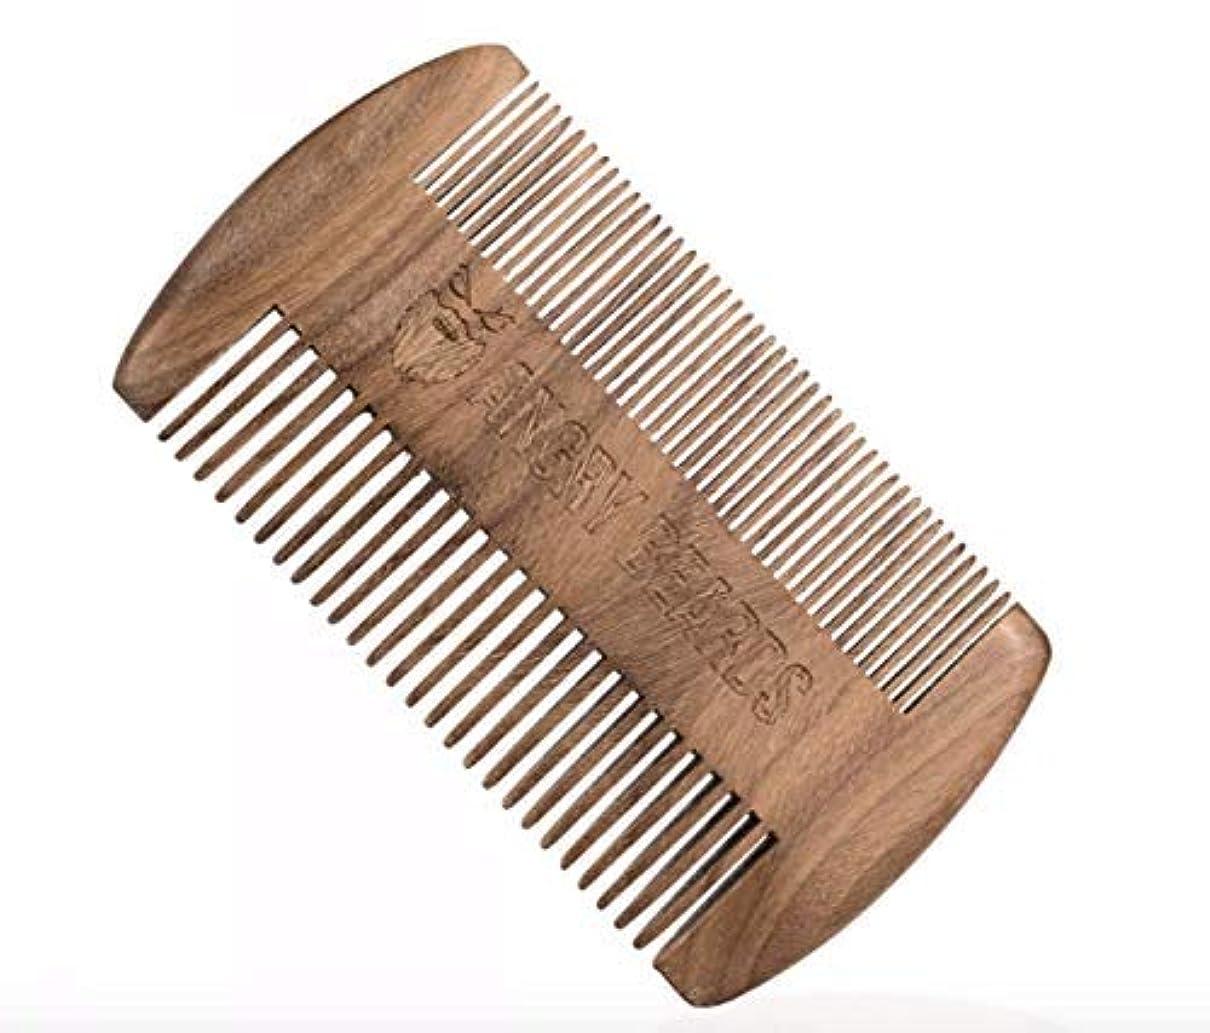 ポルトガル語意味のある摘むWooden Beard Comb 10x6cm by Angry Beards Made in Czech Republic / チェコ共和国製の怒っているひげによって木のひげの櫛10 x 6 cm